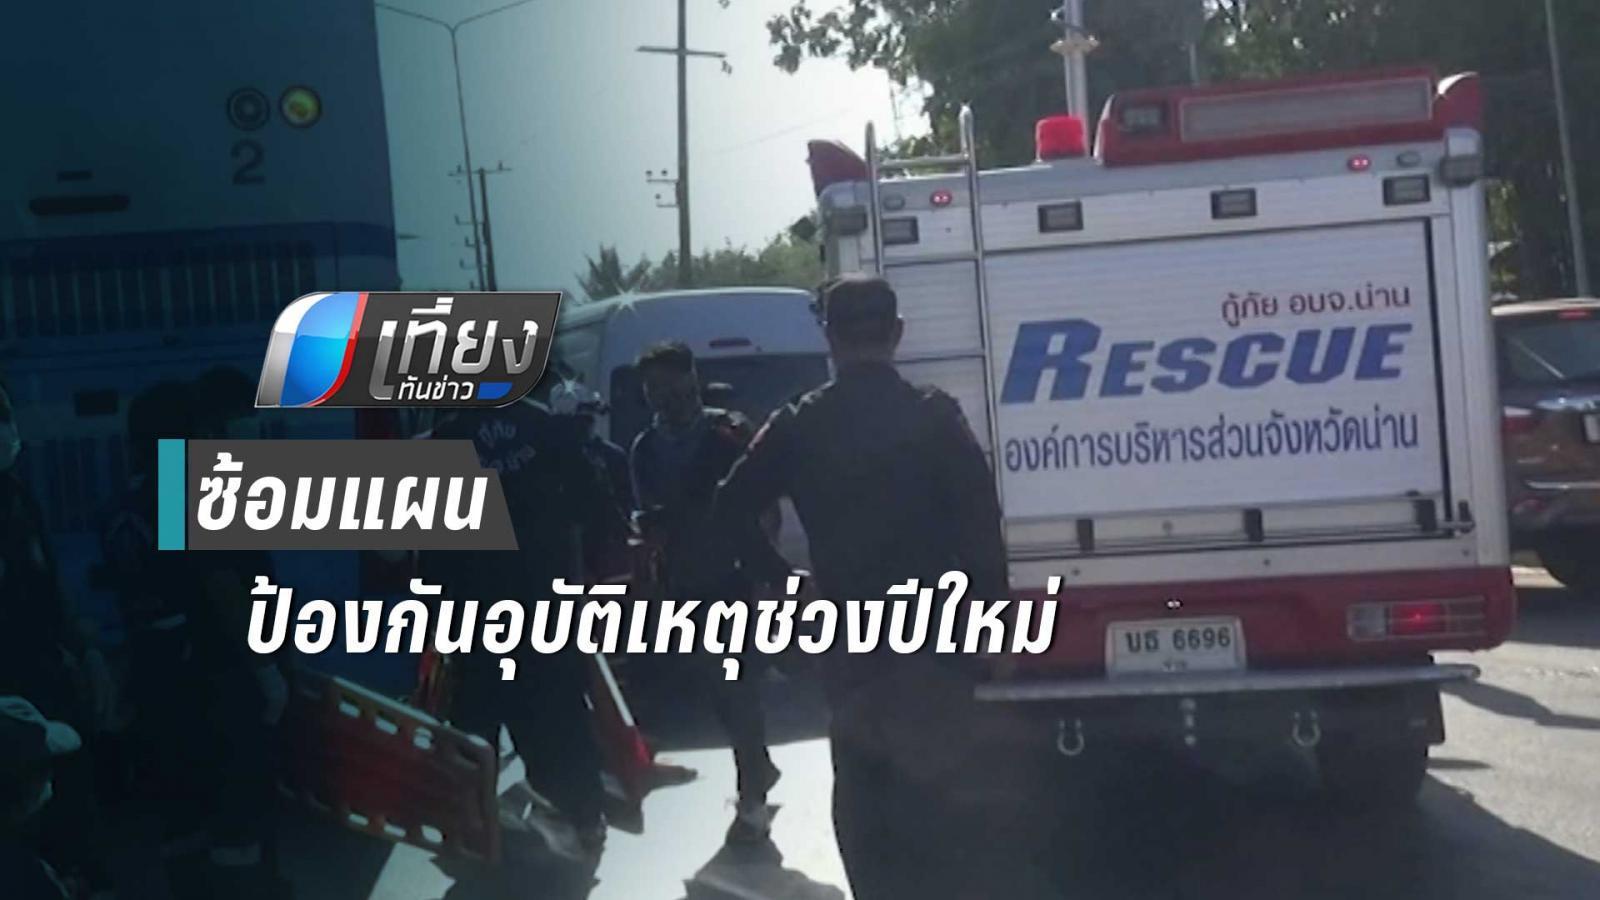 ซ้อมแผนรับมือป้องกันอุบัติเหตุทางถนนช่วงปีใหม่